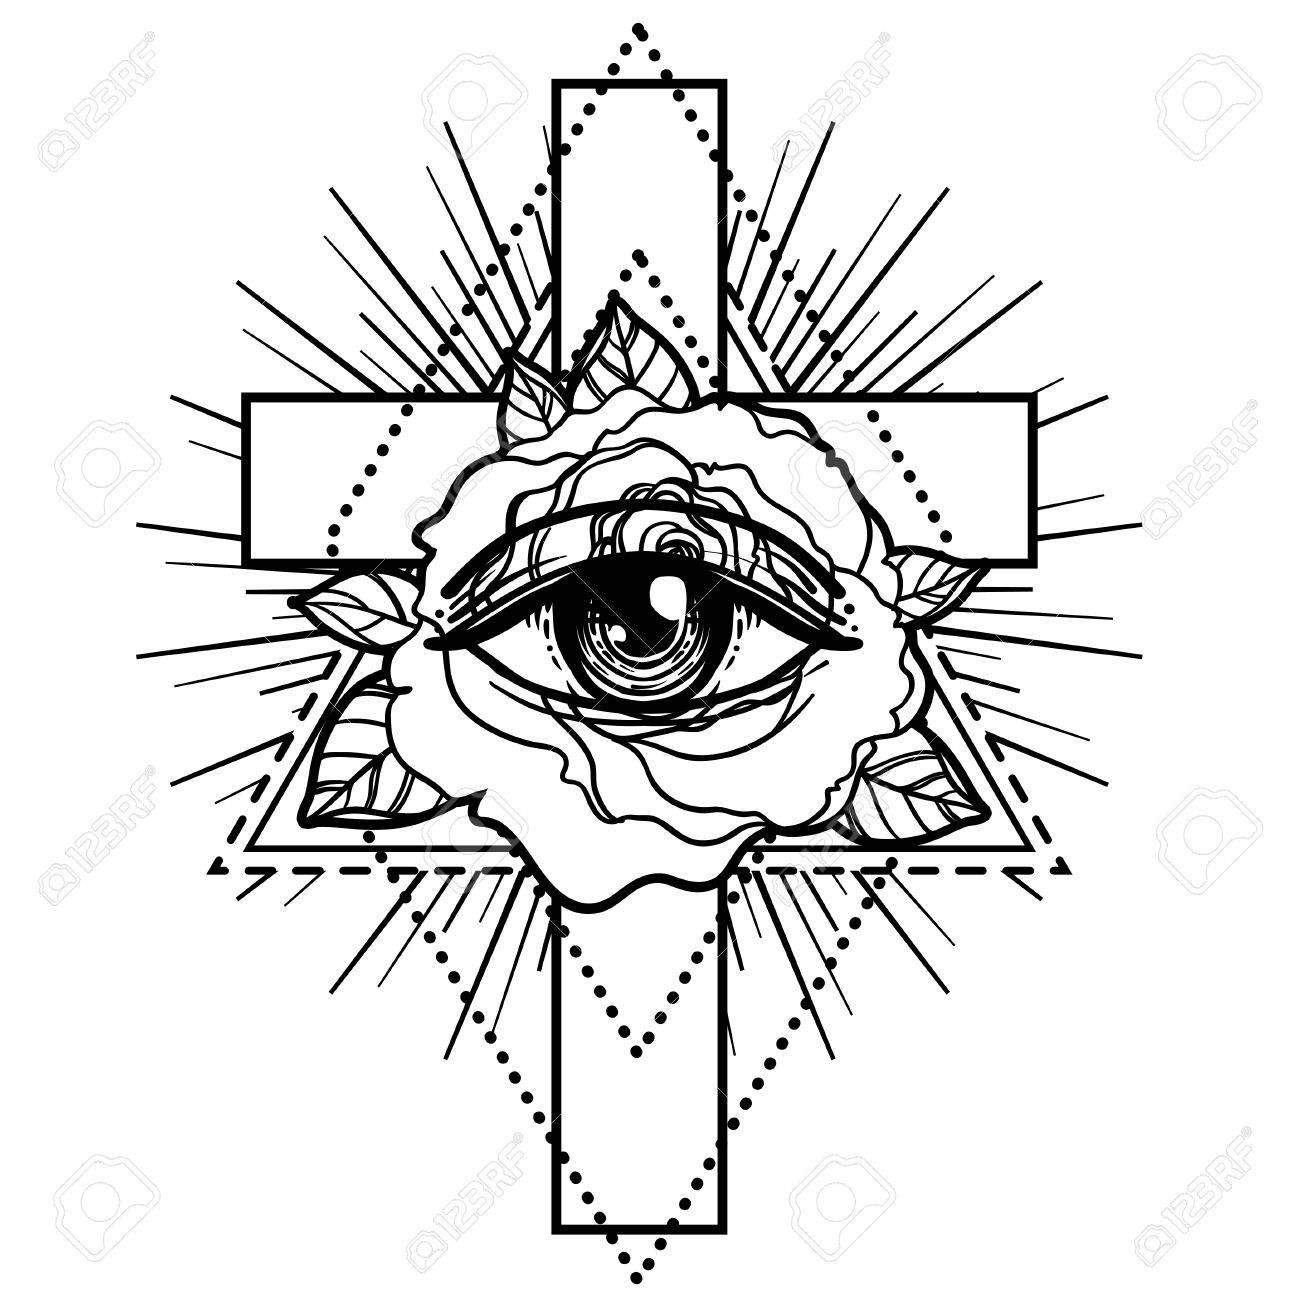 1300x1300 Rosicrucianism Symbol. Blackwork Tattoo Flash. All Seeing Eye